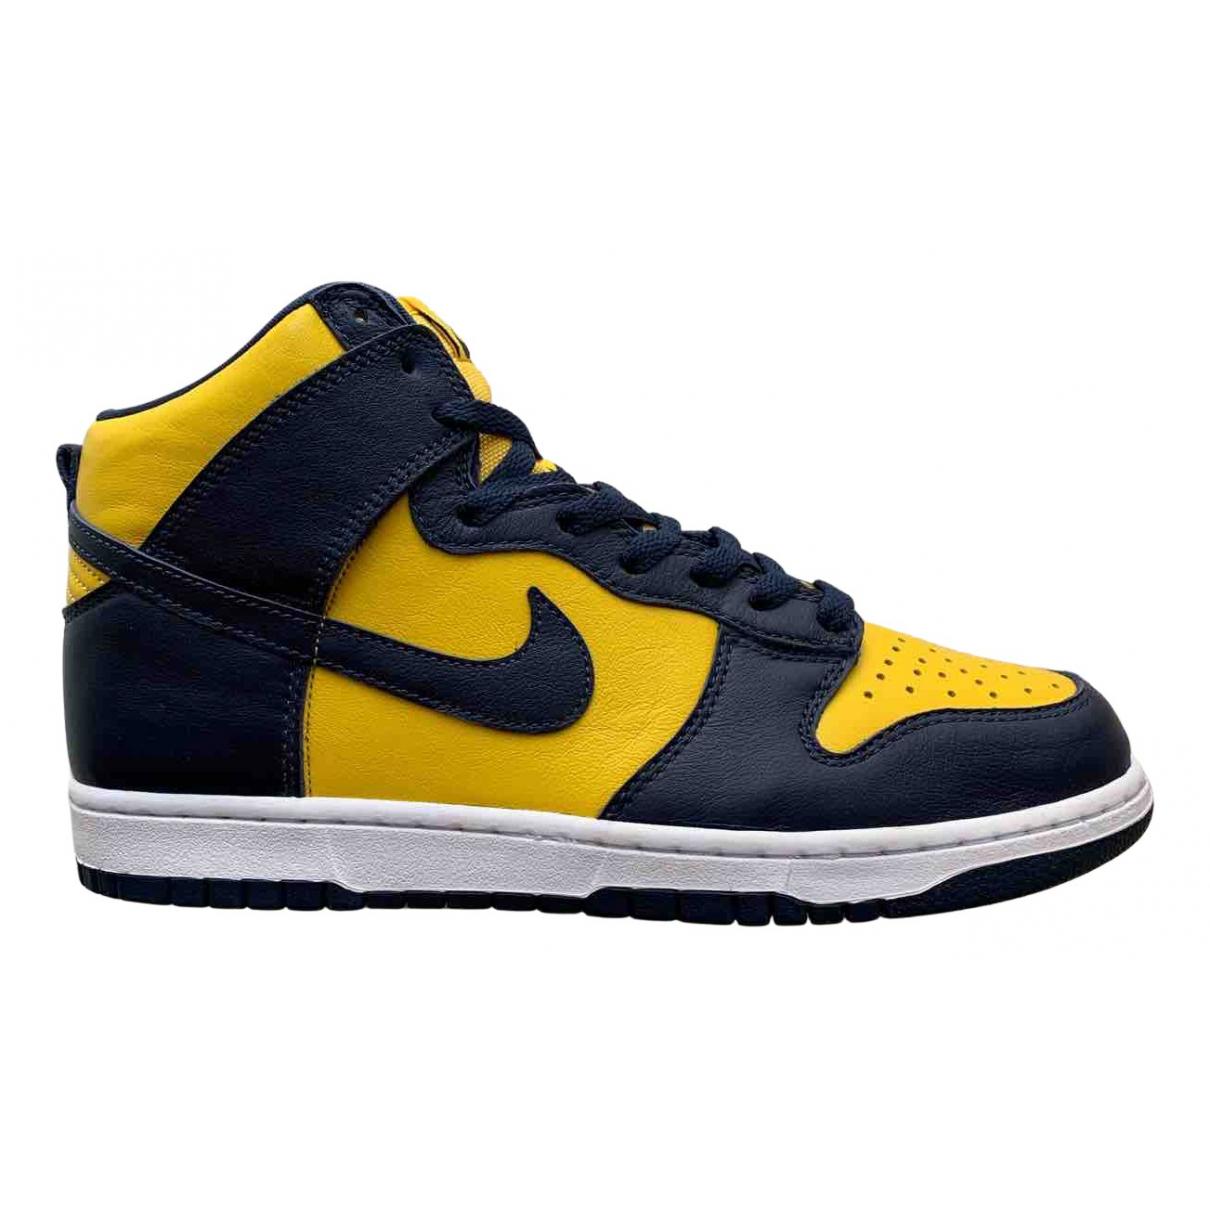 Nike - Baskets SB Dunk  pour homme en cuir - bleu